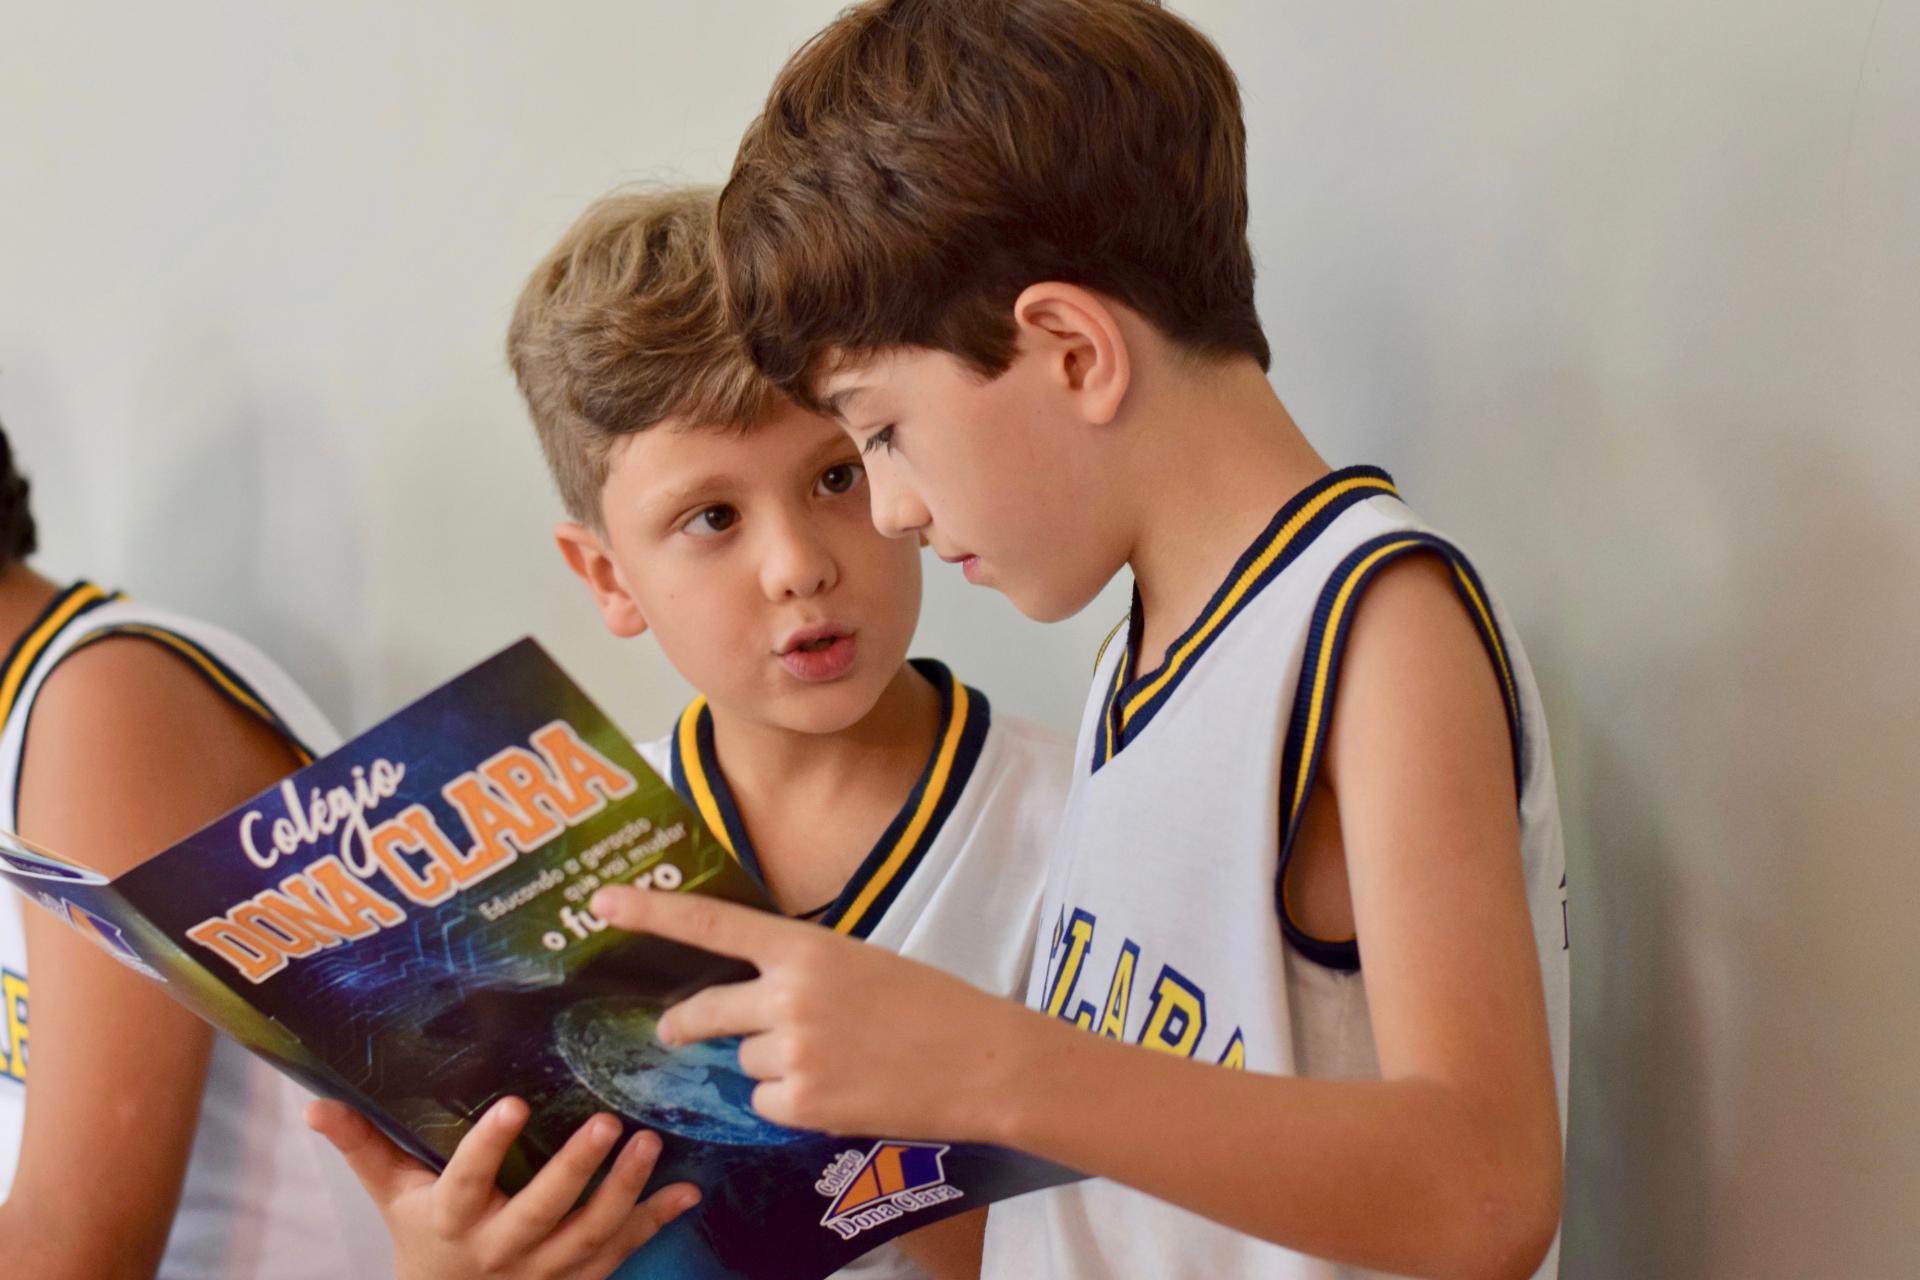 Meninos na escola conversando em inglês no dia a dia é fruto da educação bilíngue infantil